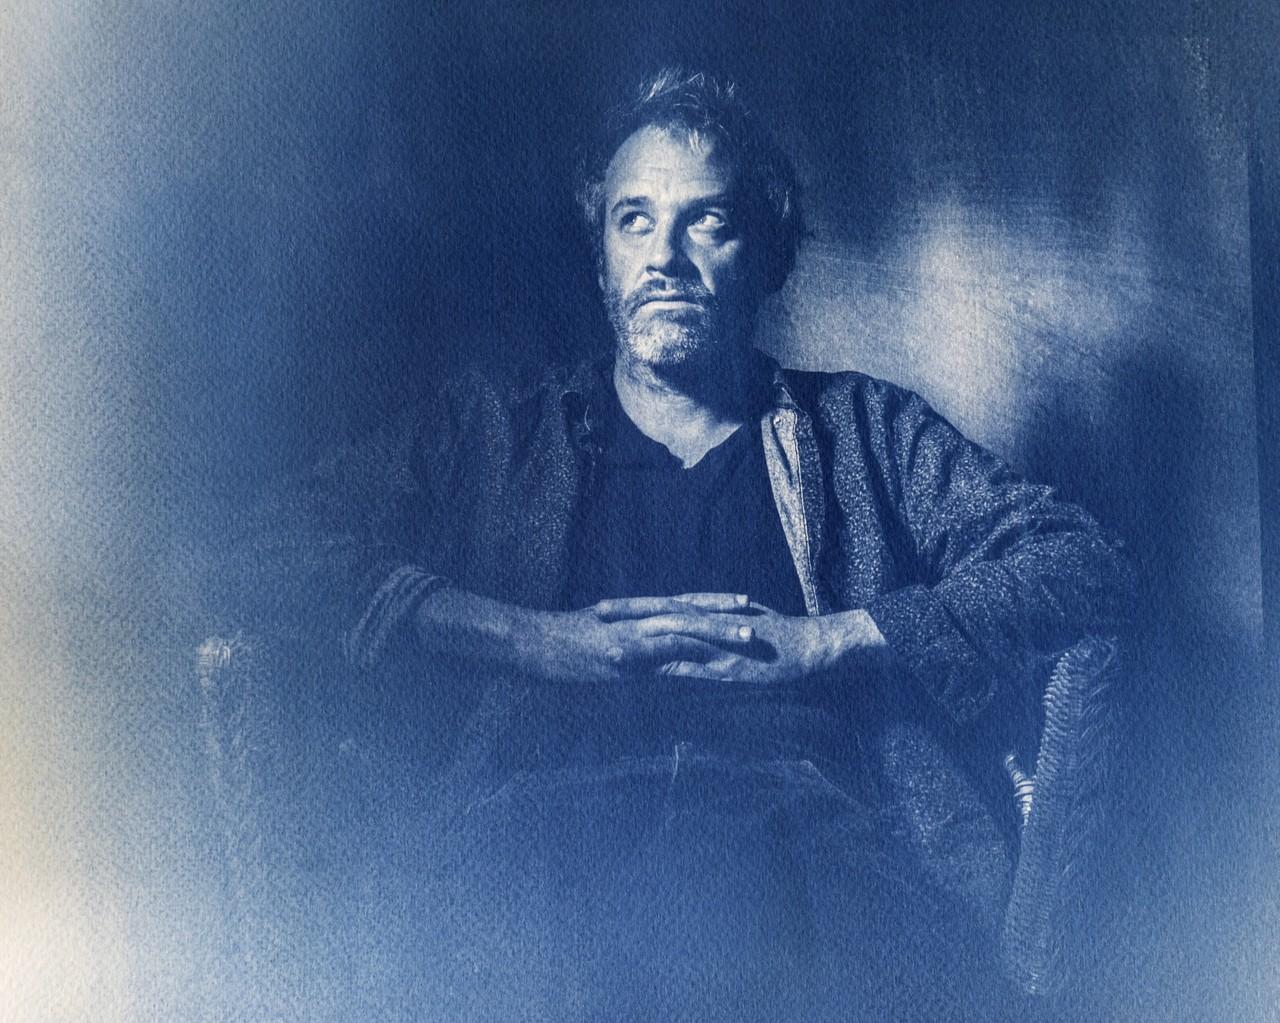 Portrait of Emmanuel Piton, Film Director, Cabinet photographique de Maurepas, Rennes, FRANCE, Septembre 22 2020. Portrait d Emmanuel Piton, Realisateur, Cabinet photographique de Maurepas, Rennes, FRANCE, september 22 2020.